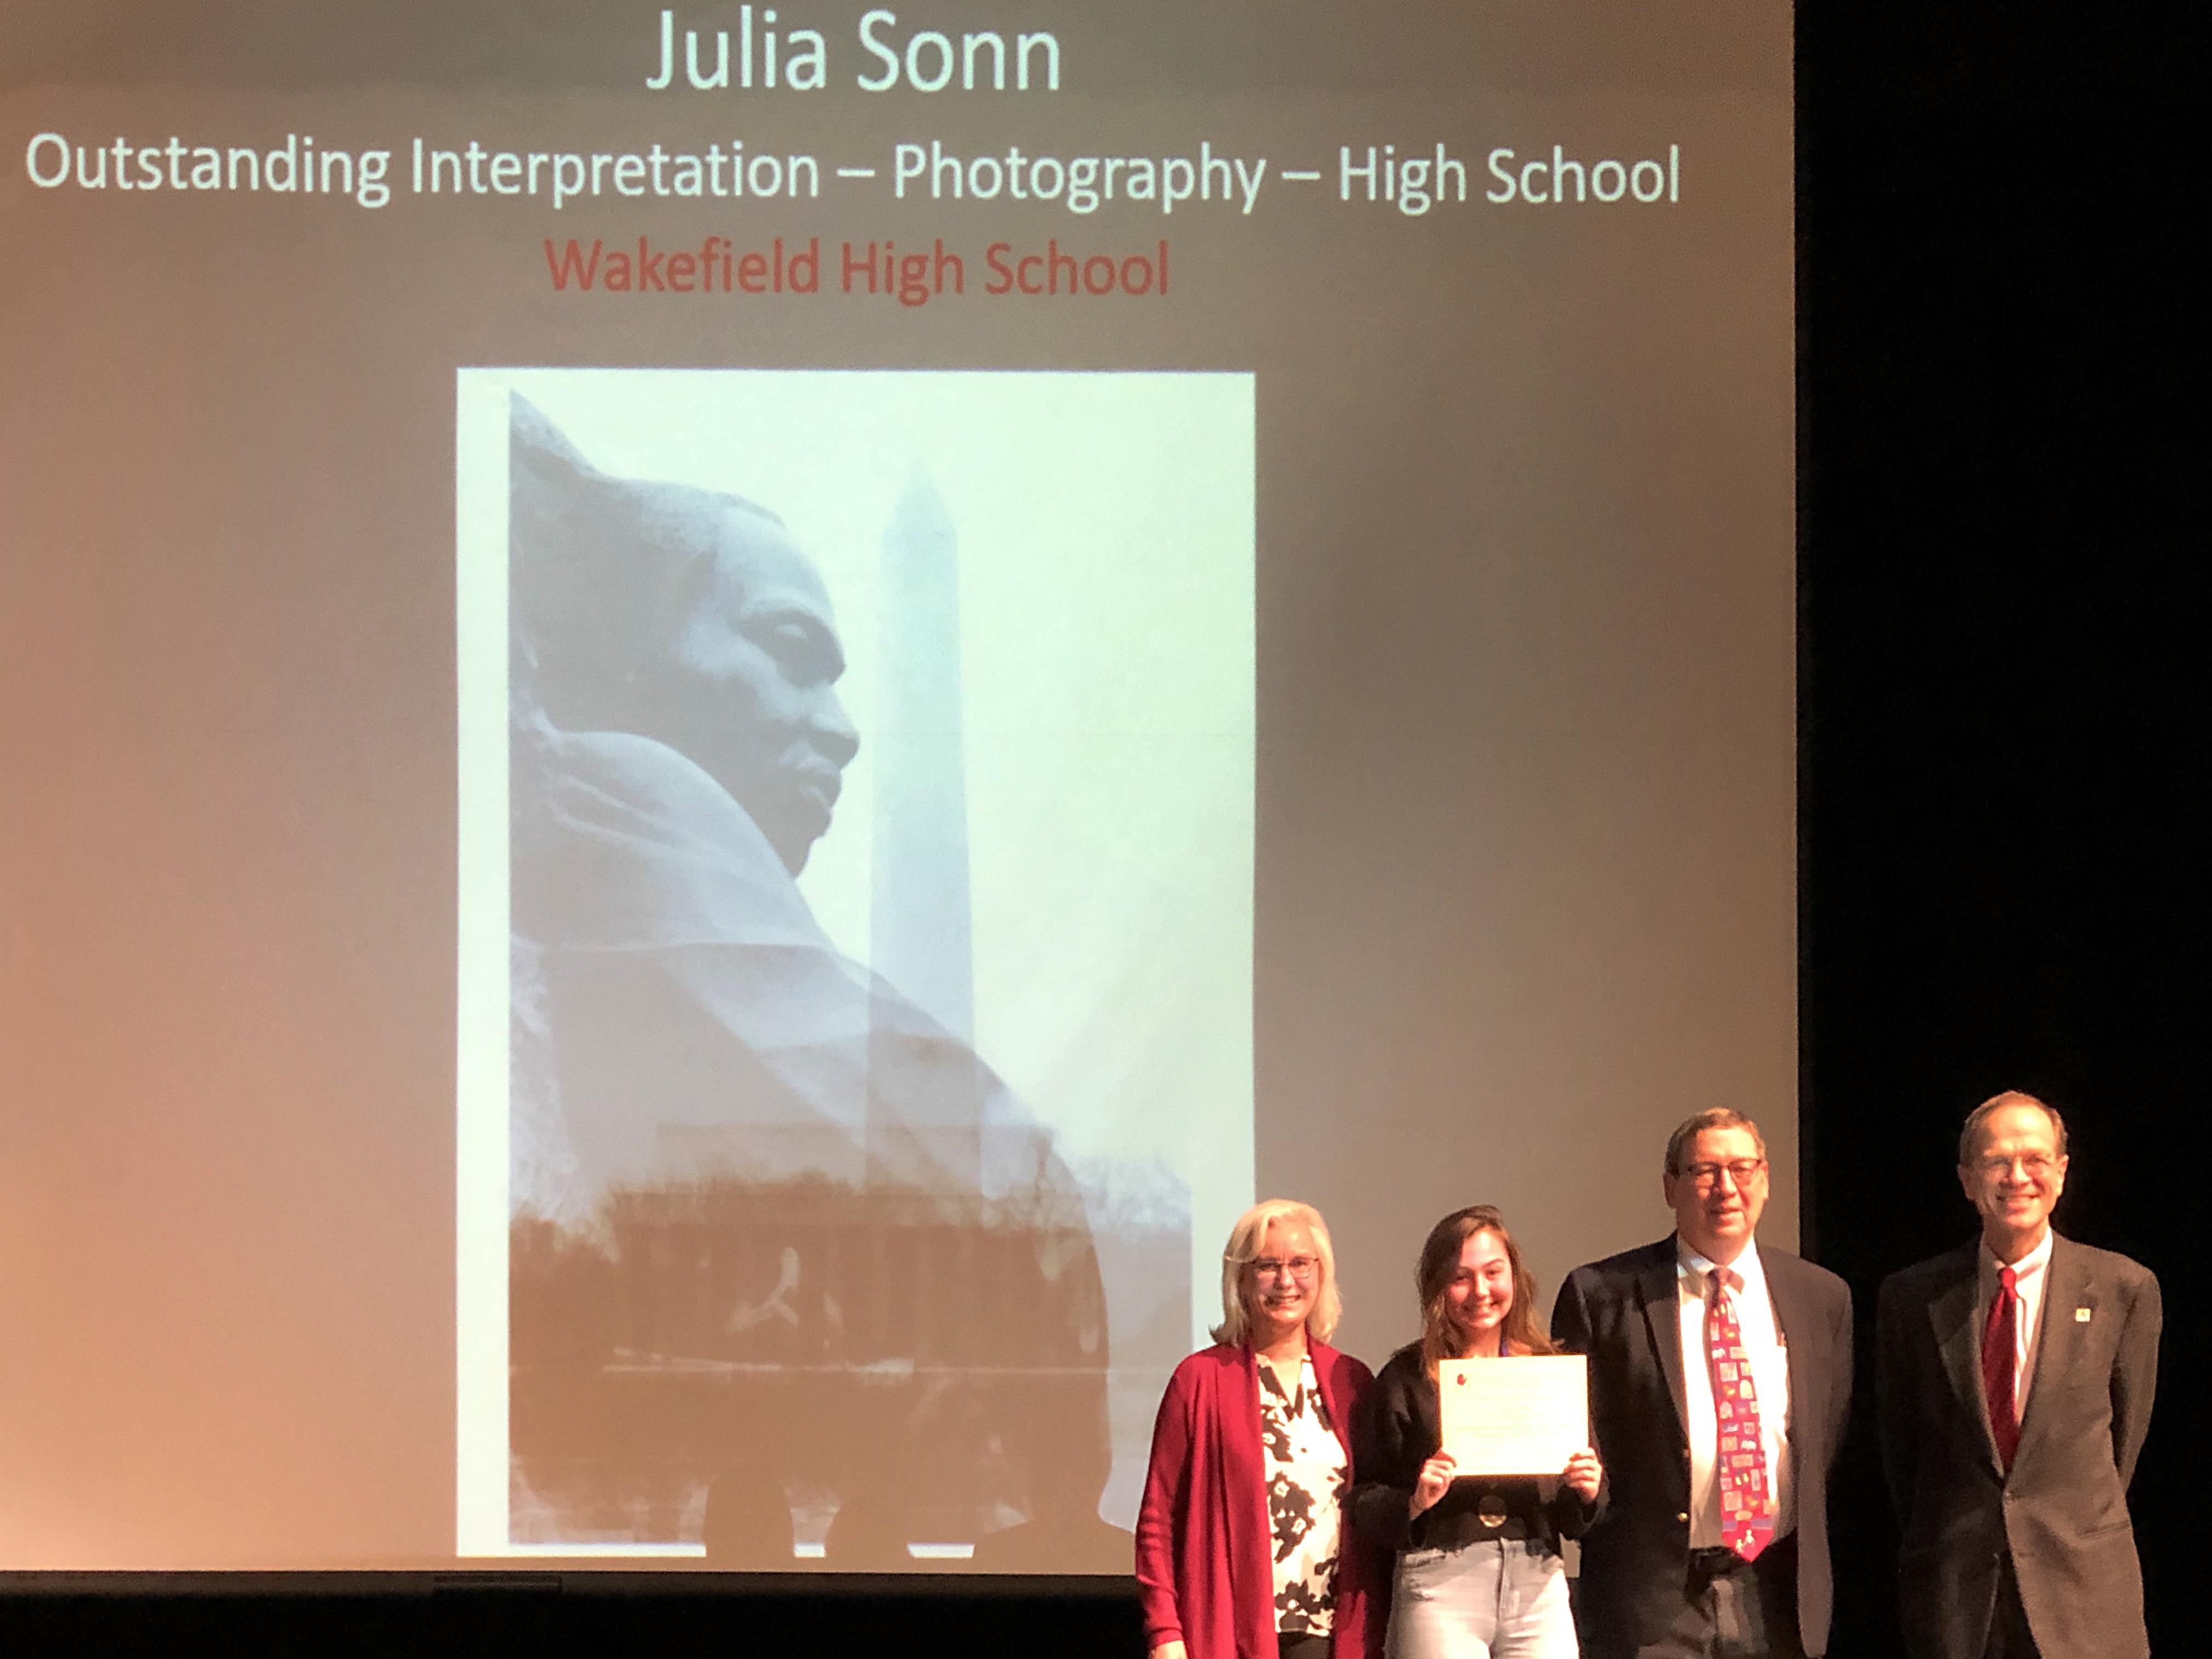 Julia Sonn and Friends